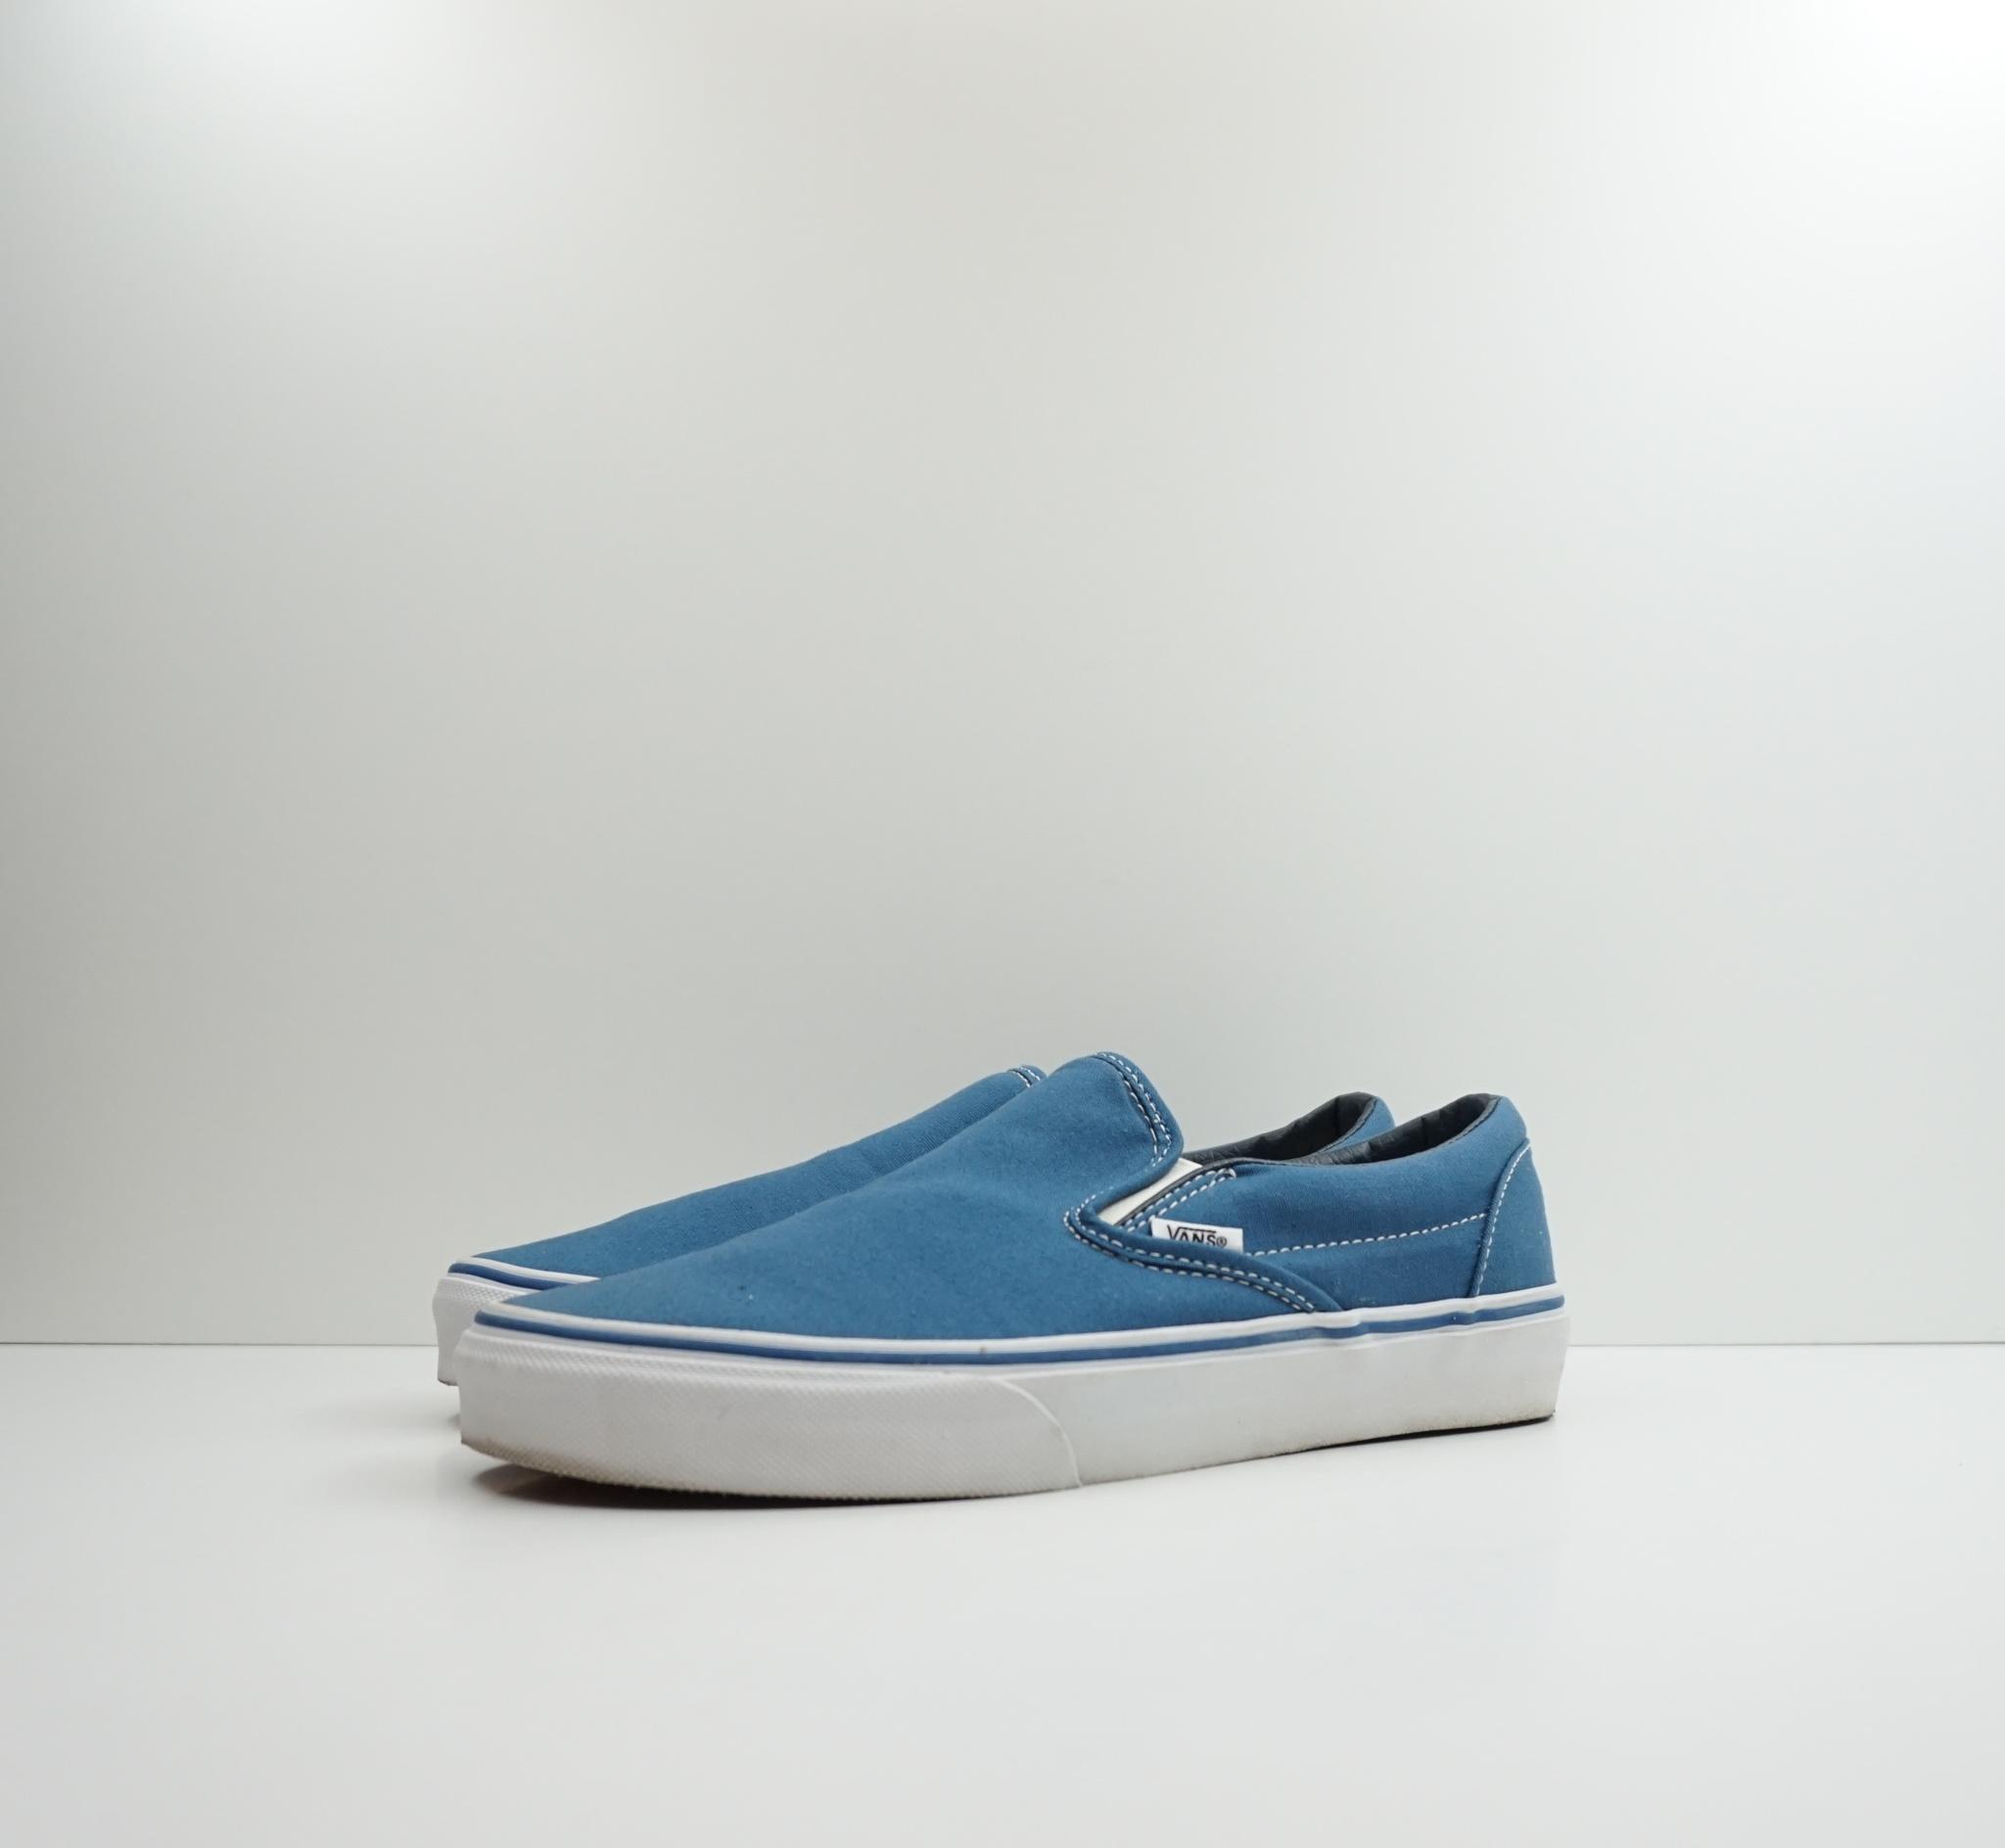 Vans Slip On Blue